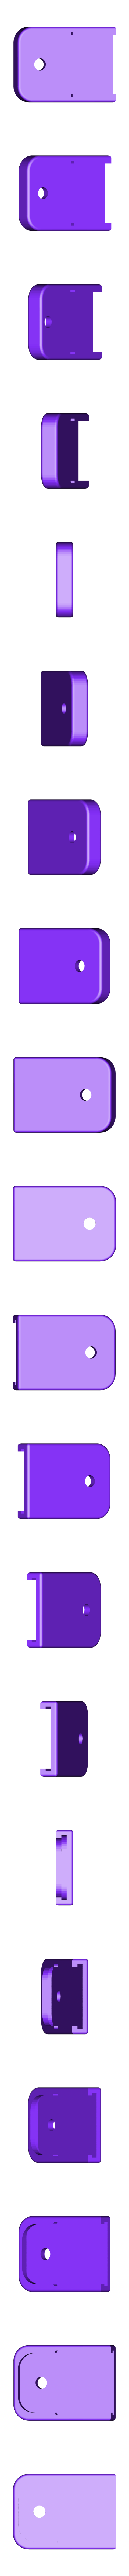 Baf1476f deb2 4751 b40b 6c6241d0fe6e